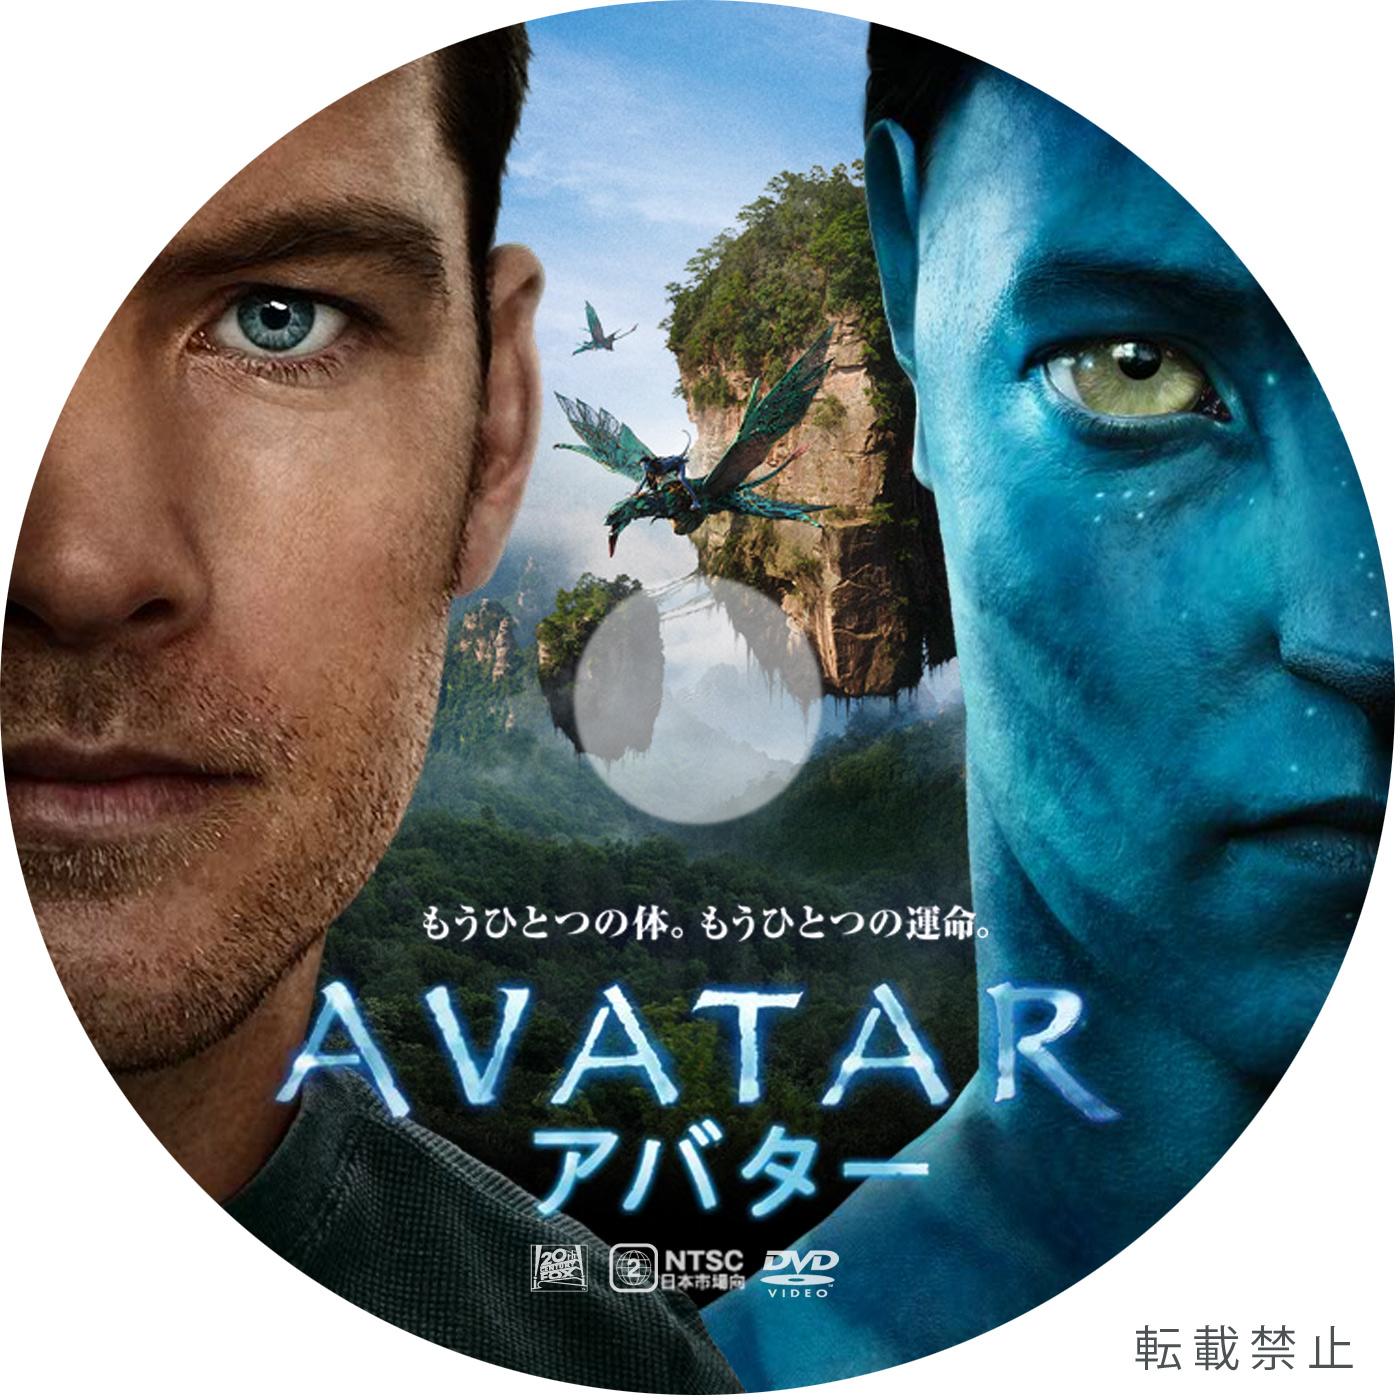 Avatar 2 X 12: アバター AVATAR DVDラベル